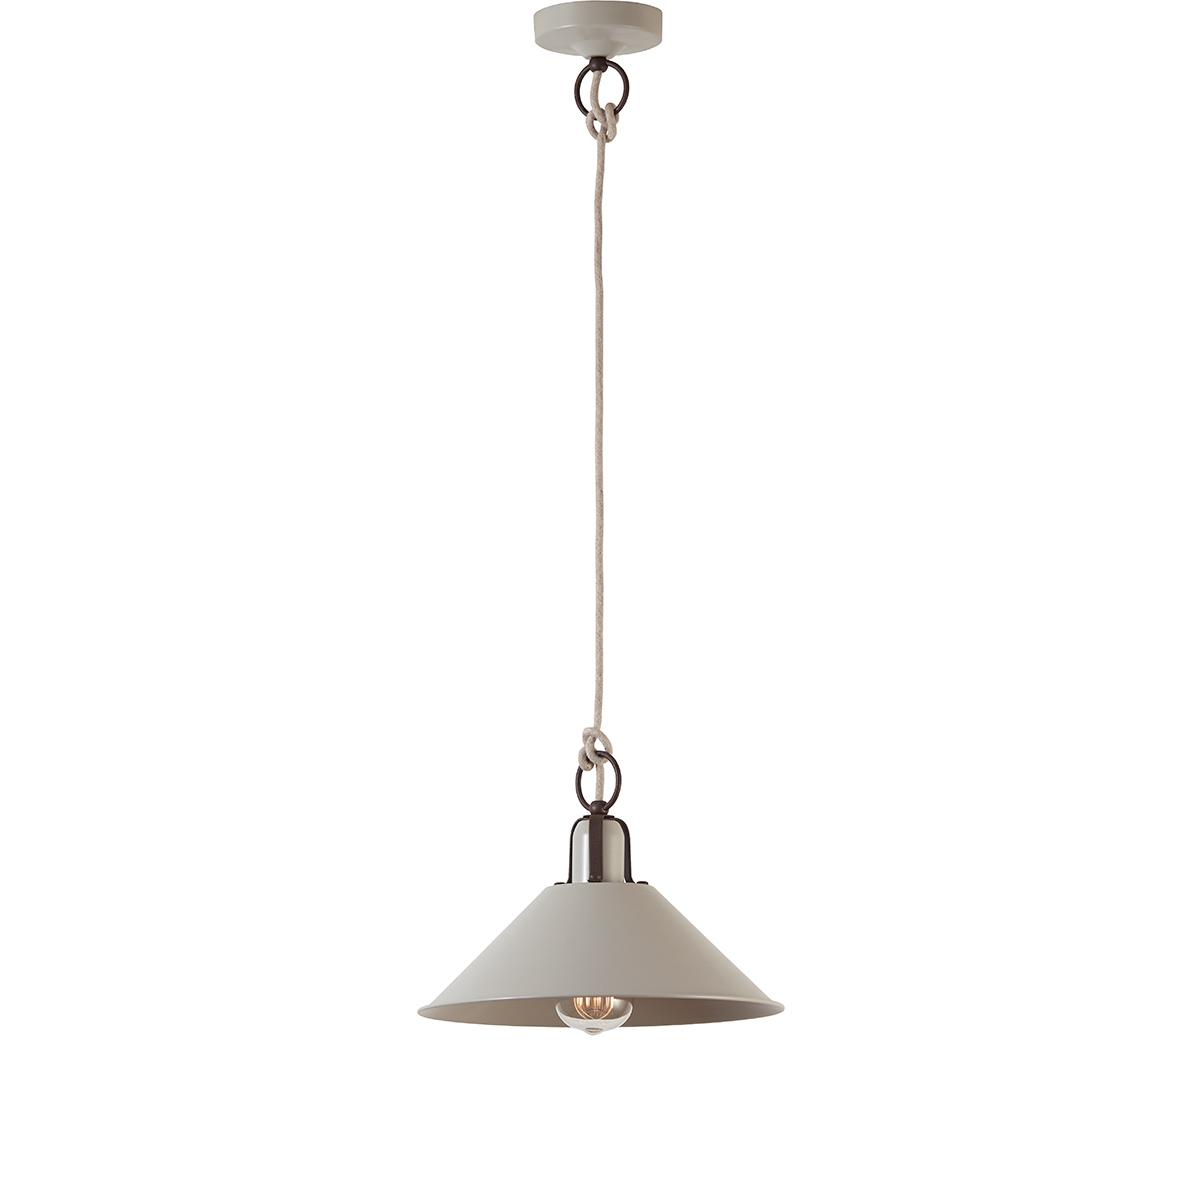 Ρετρό κρεμαστό φωτιστικό ανοιχτό γκρί ΜΗΛΟΣ retro pendant lamp silk grey